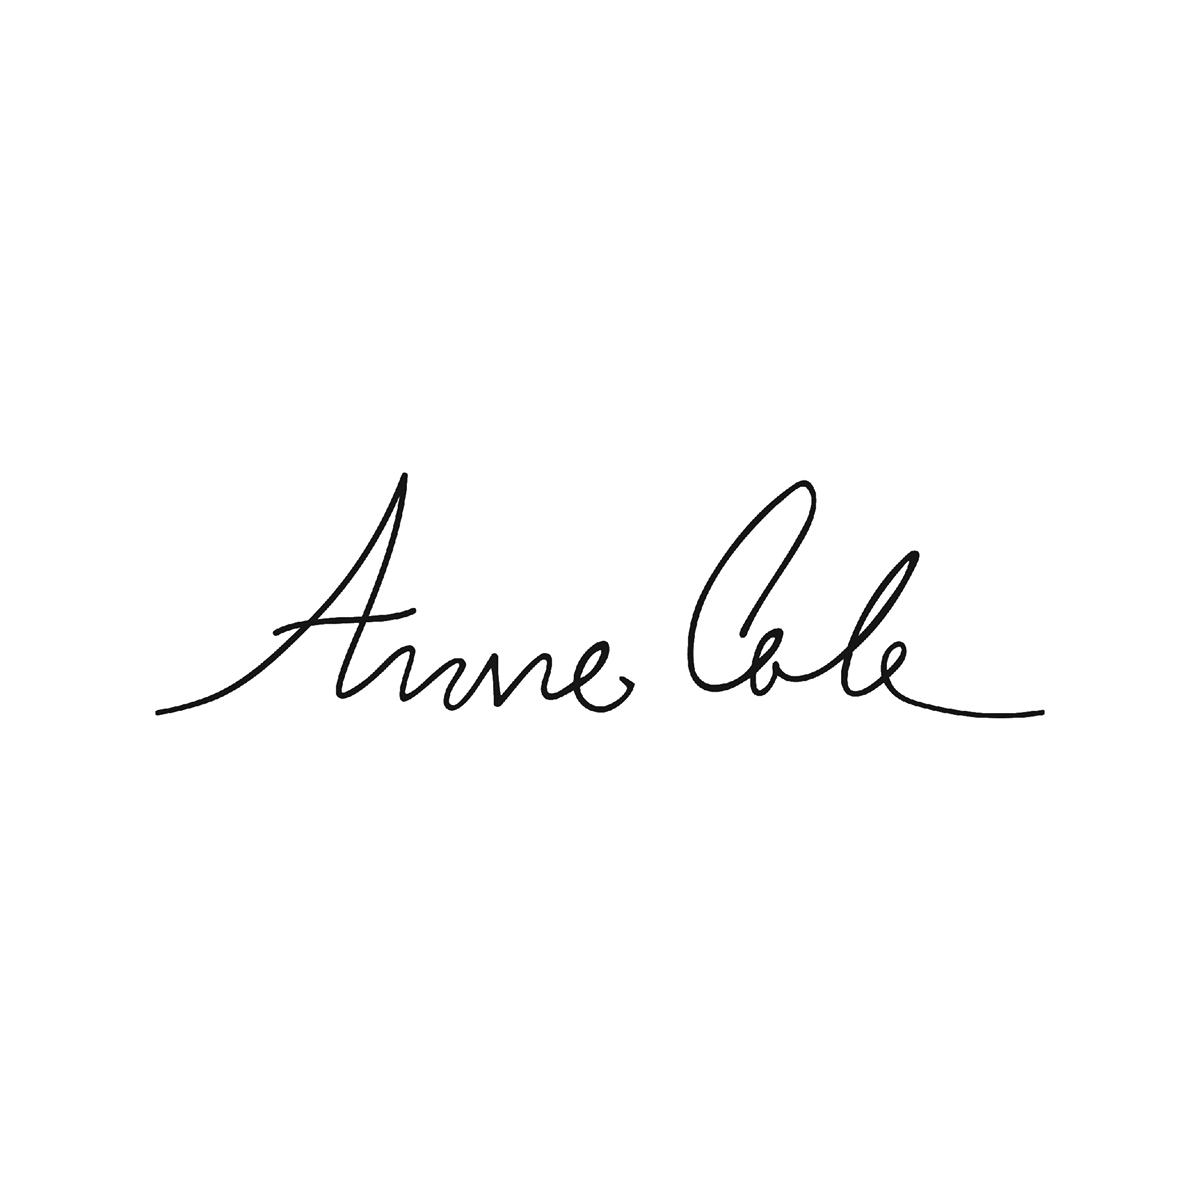 AnneCole